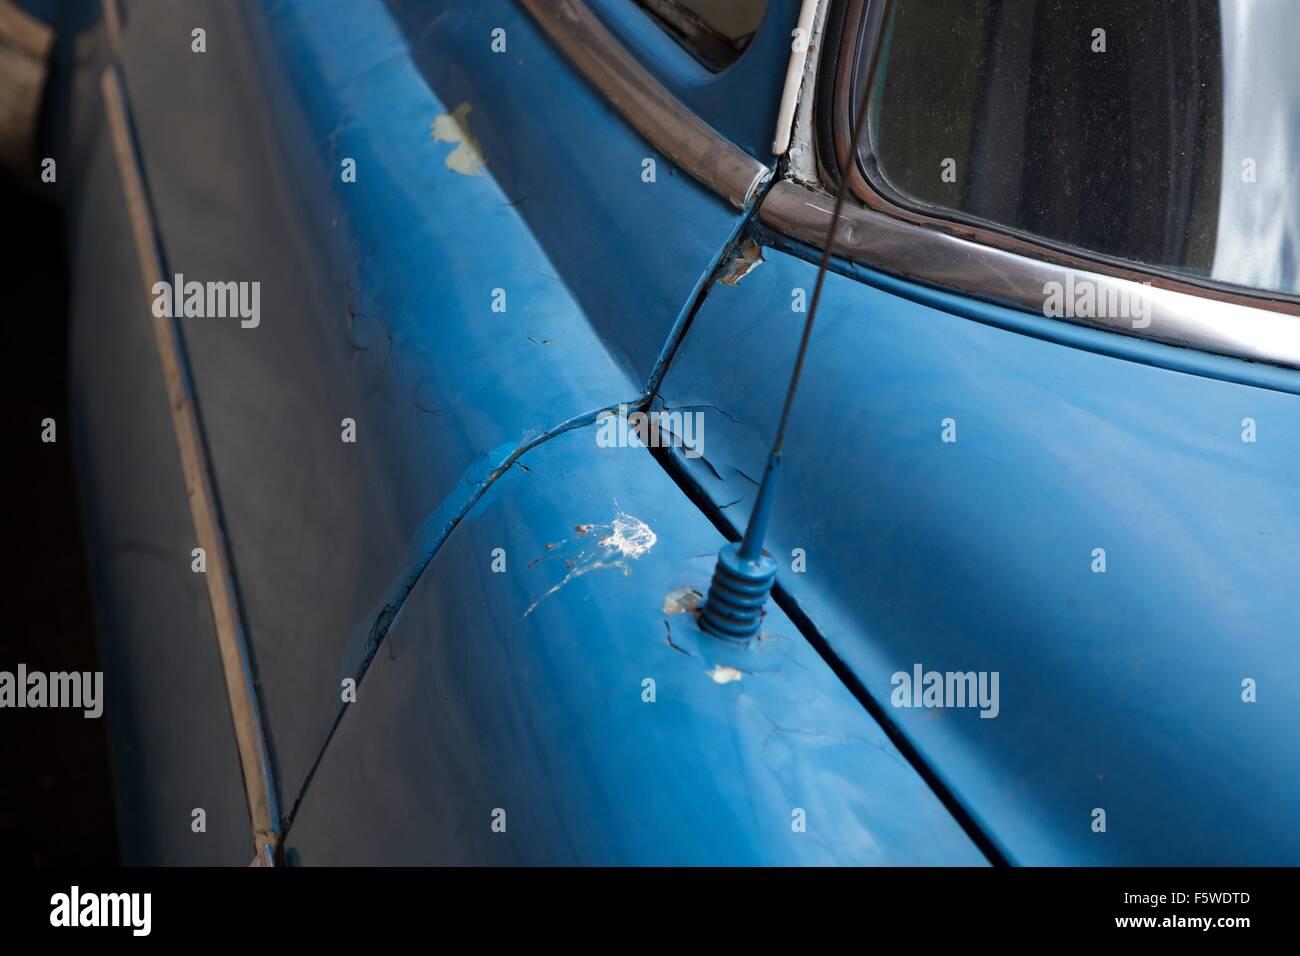 Old Car Antenna Stock Photos & Old Car Antenna Stock Images - Alamy